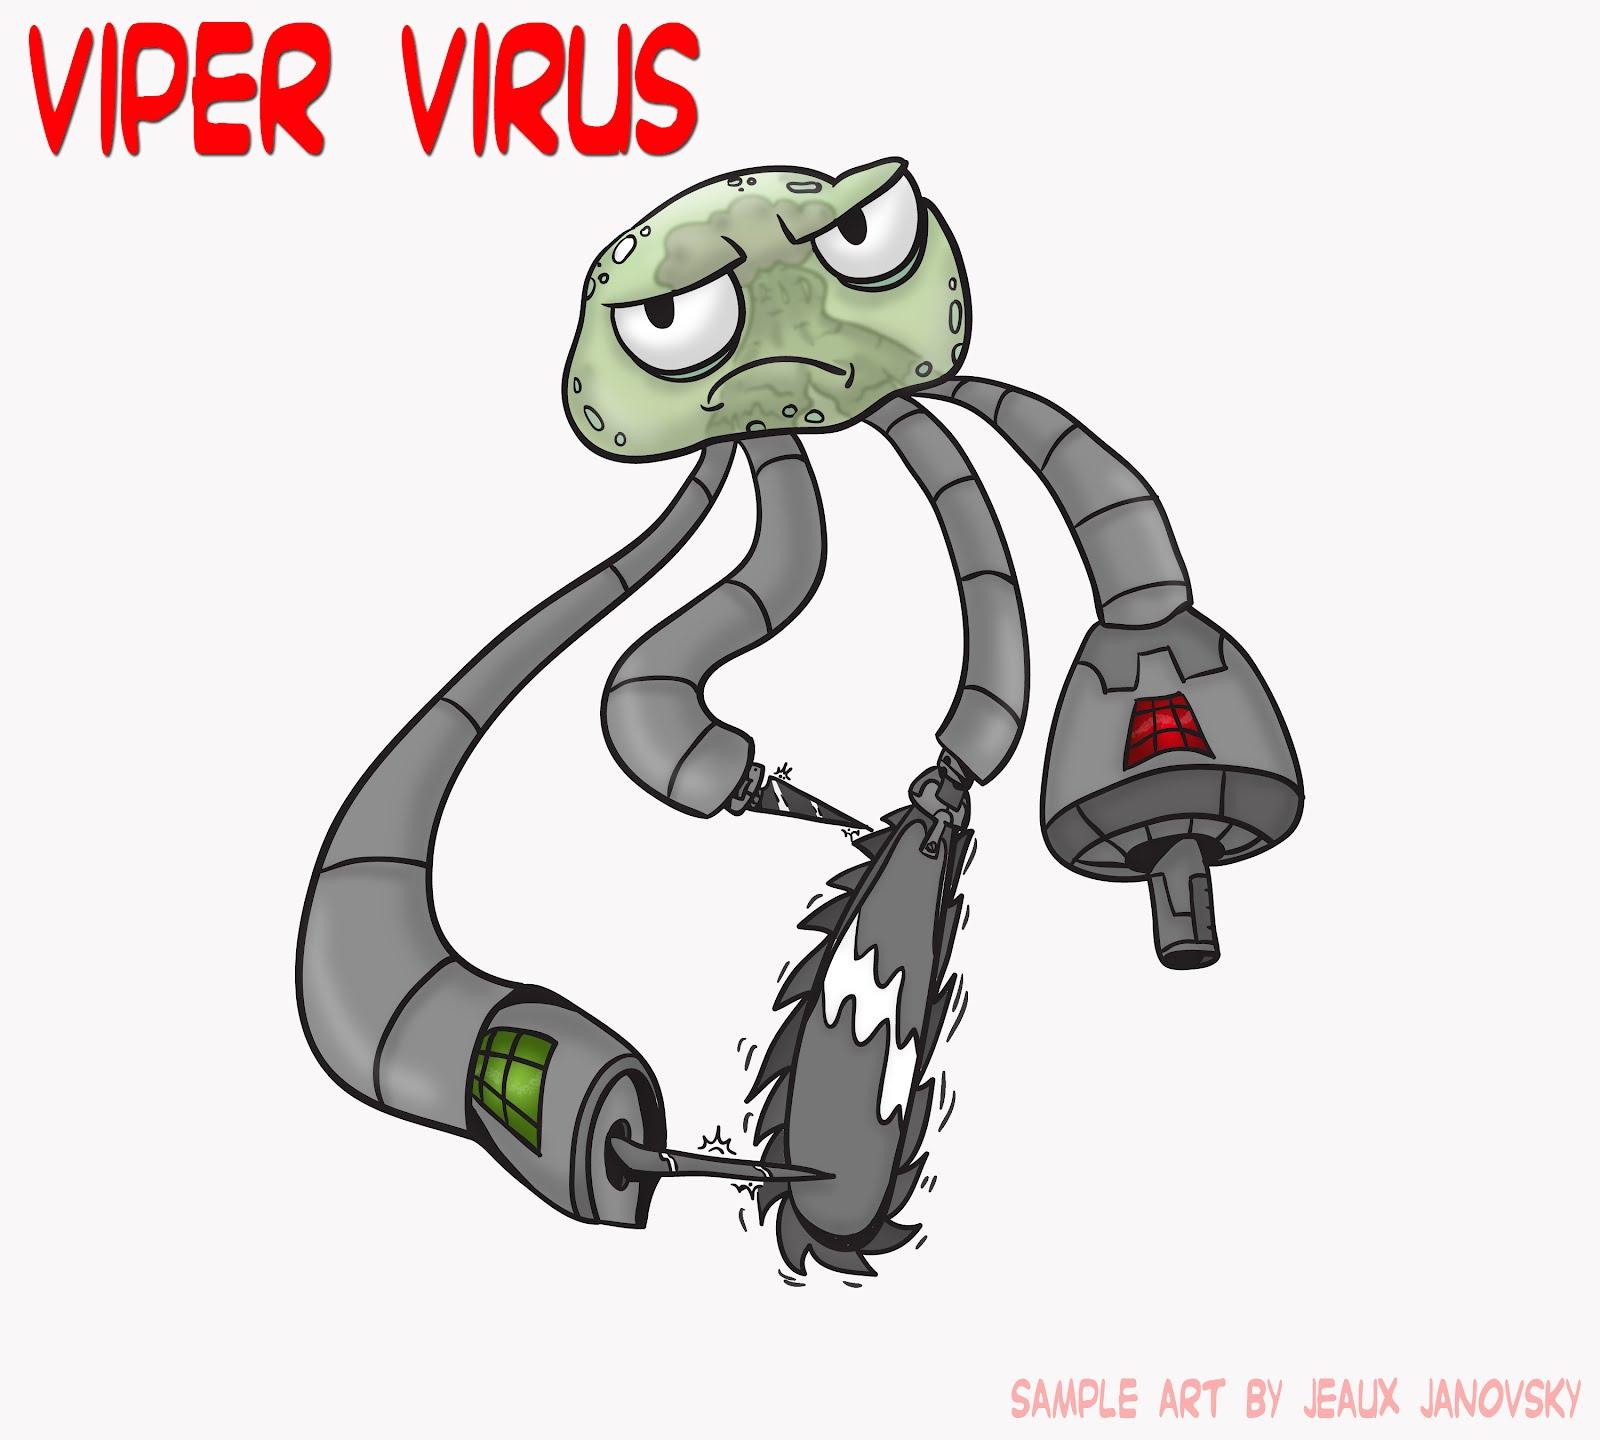 شناخت و پاک سازی ویروس Viper